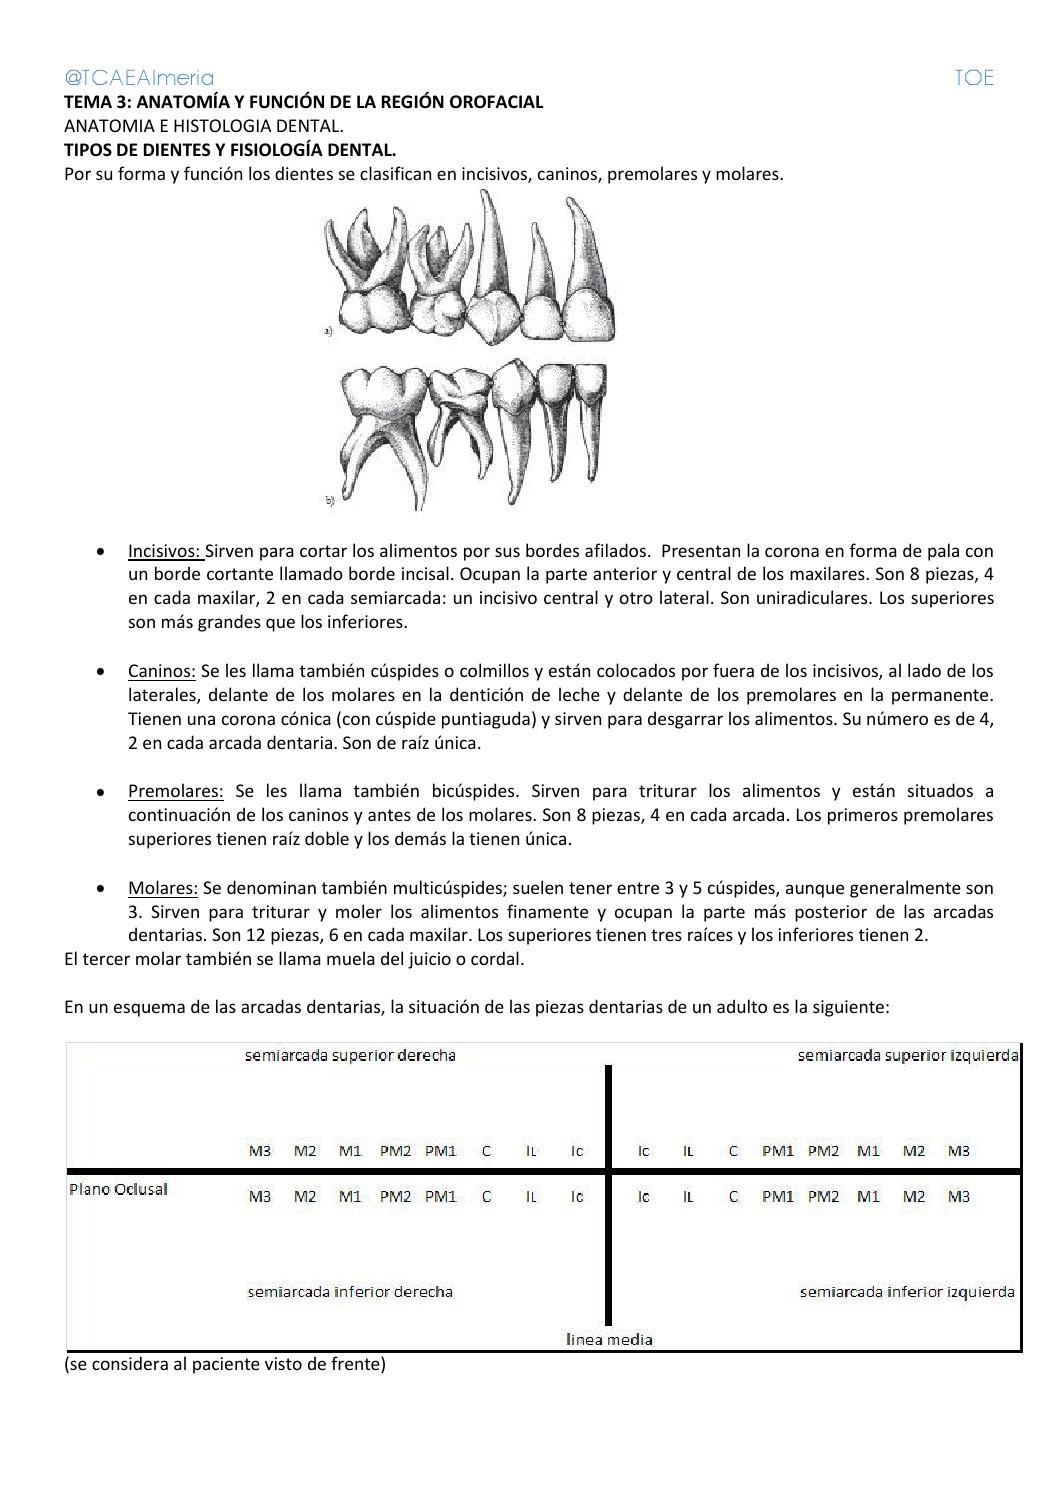 Tema 3 Anatomía y función de la región orofacial by Tcae Almeria - issuu